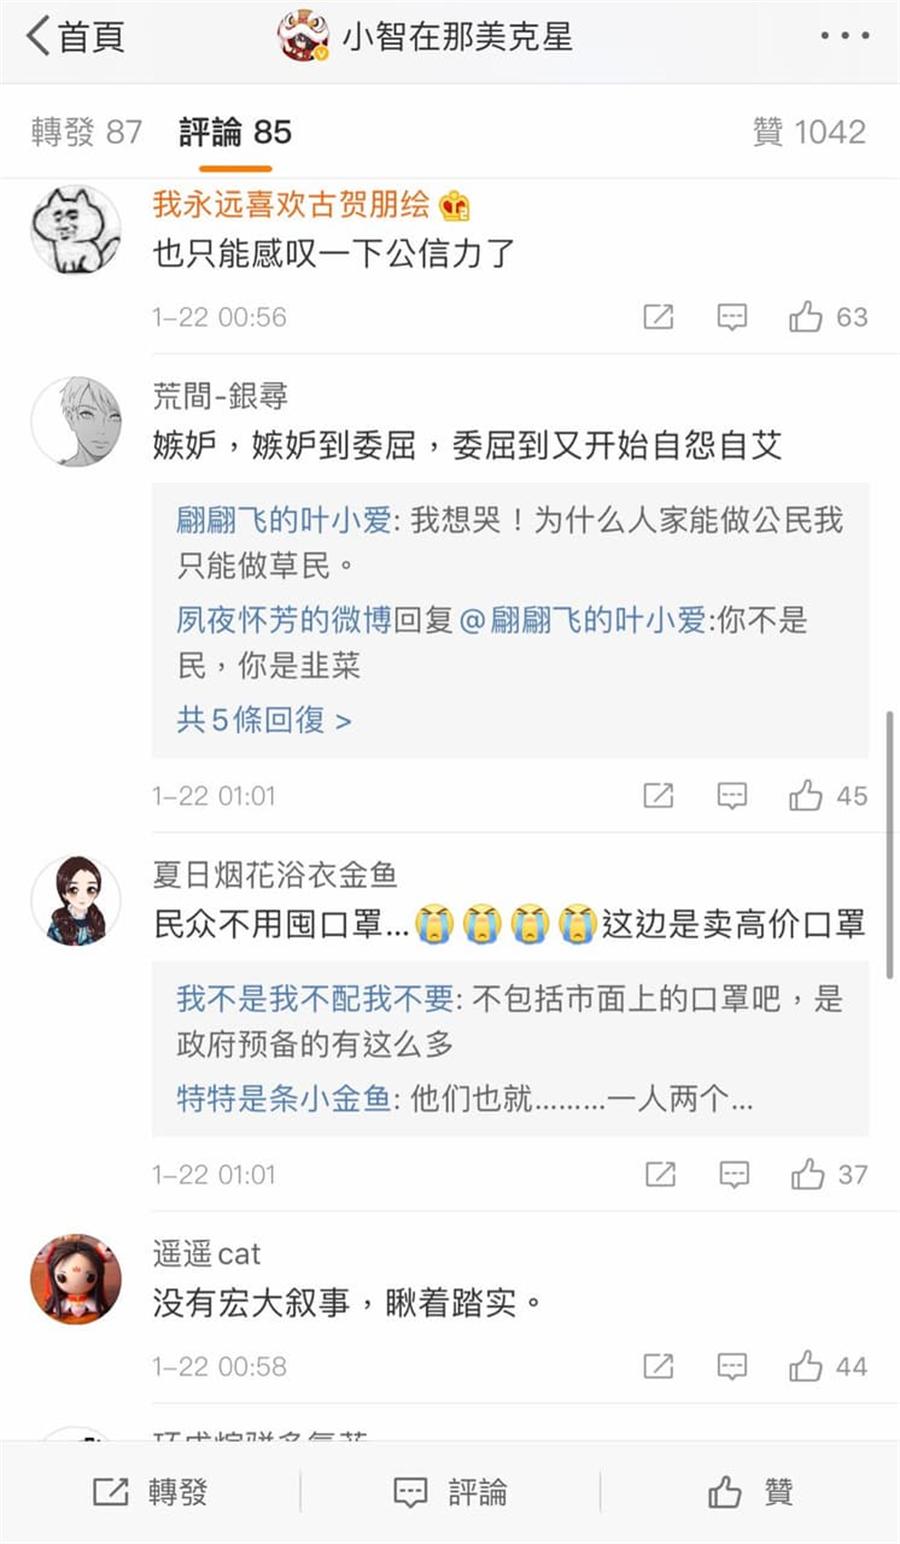 大陸網友看到台灣防疫文宣後紛紛表示羨慕。(摘自《Dcard》)